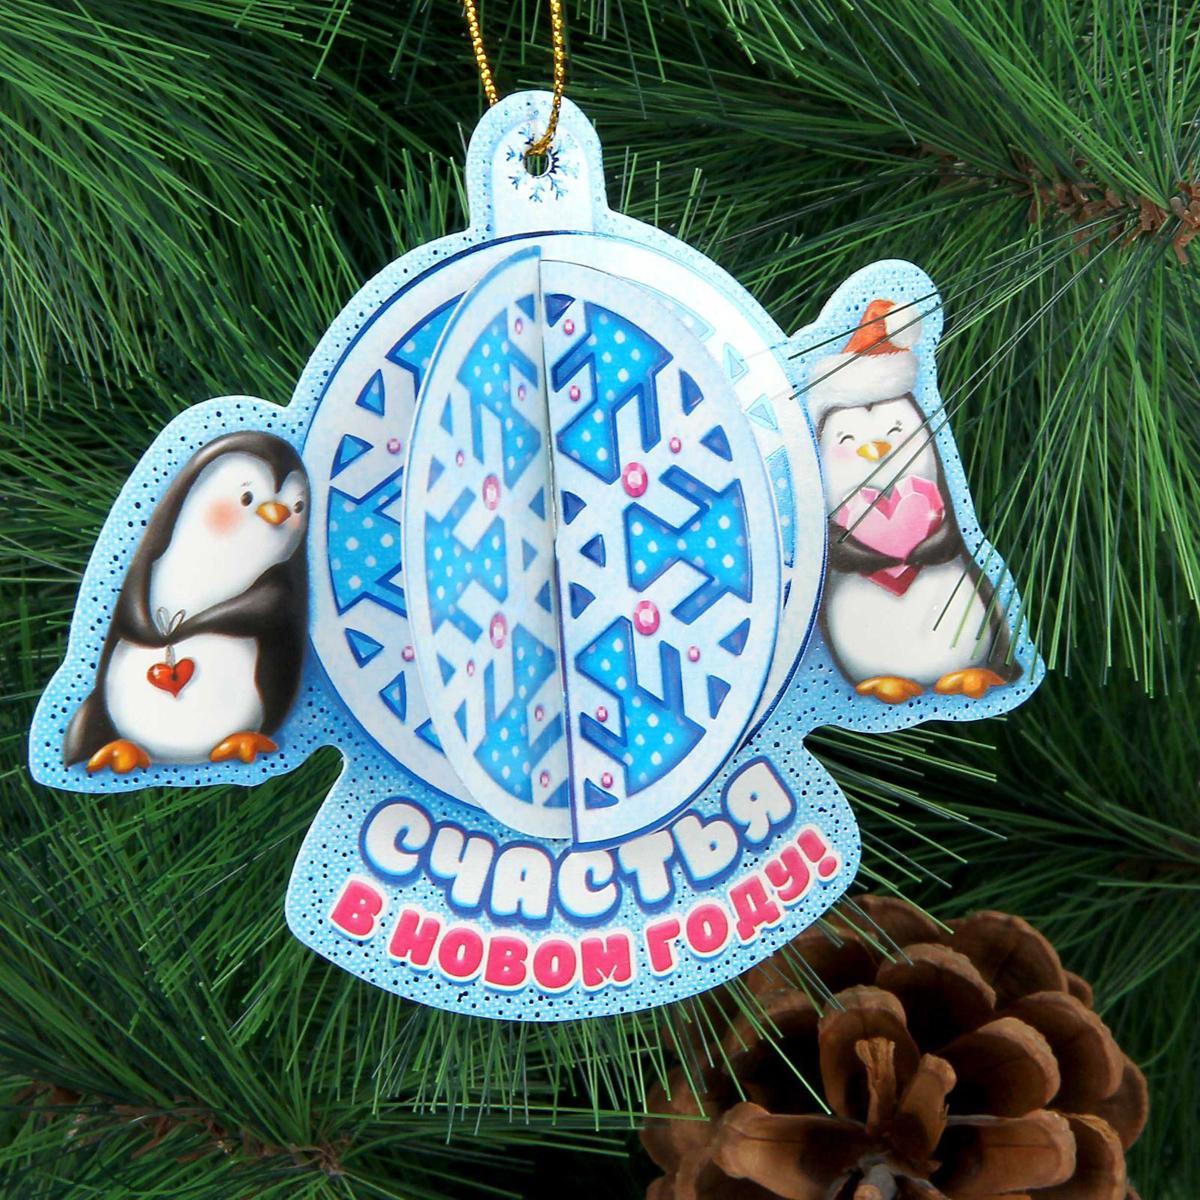 Новогоднее подвесное украшение Sima-land Счастья в Новом году, 11,1 х 9,1 см новогоднее подвесное украшение sima land удачи в новом году светящееся 6 3 см